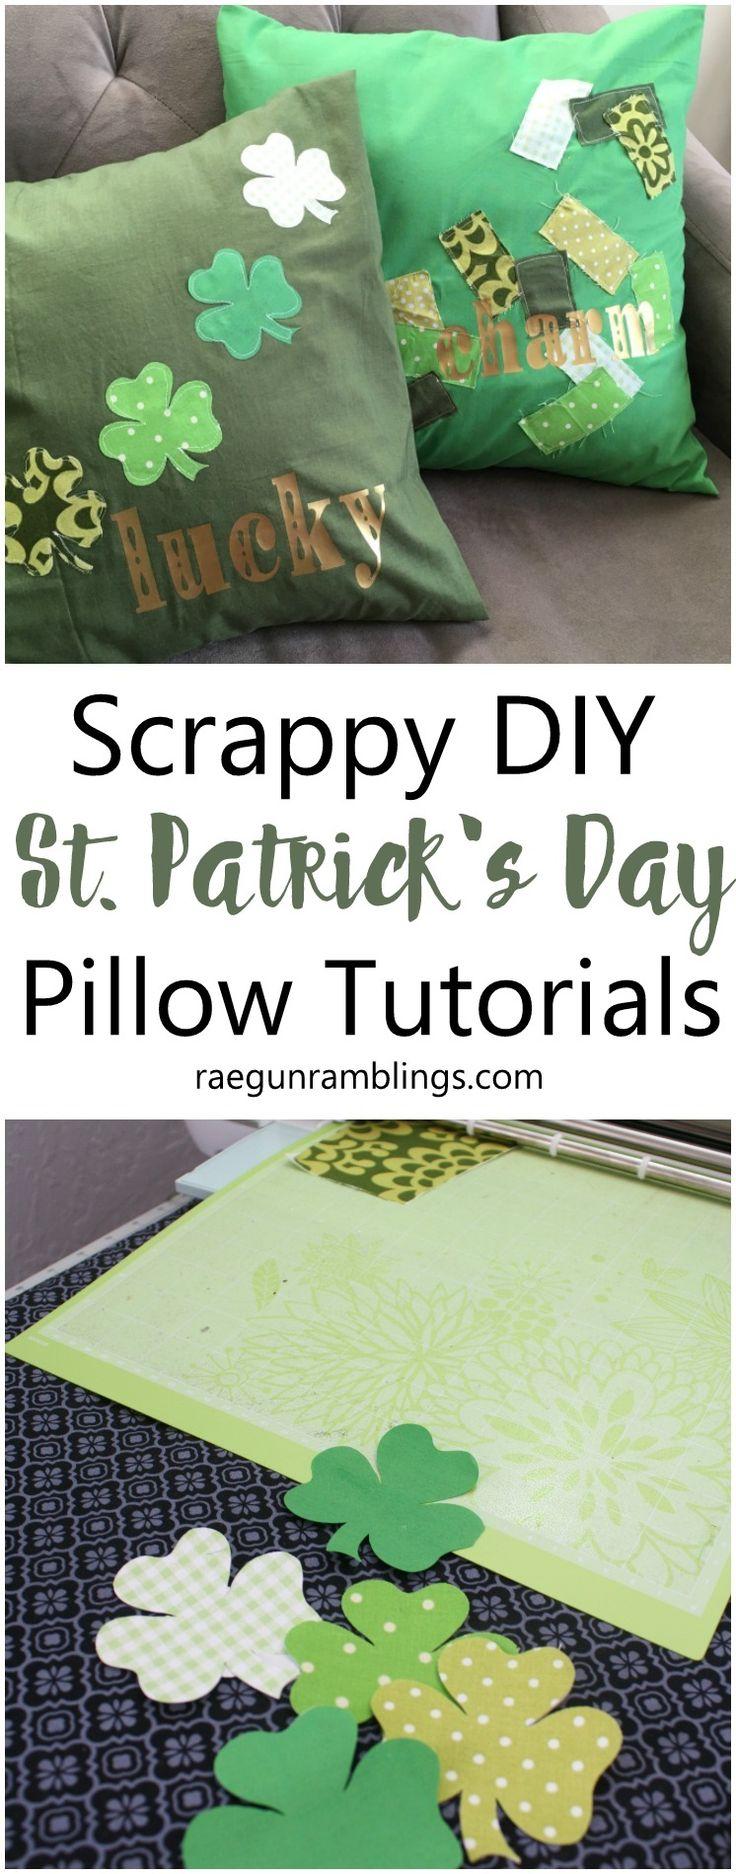 DIY Scrappy St. Patrick's Day Pillowcases - Rae Gun Ramblings